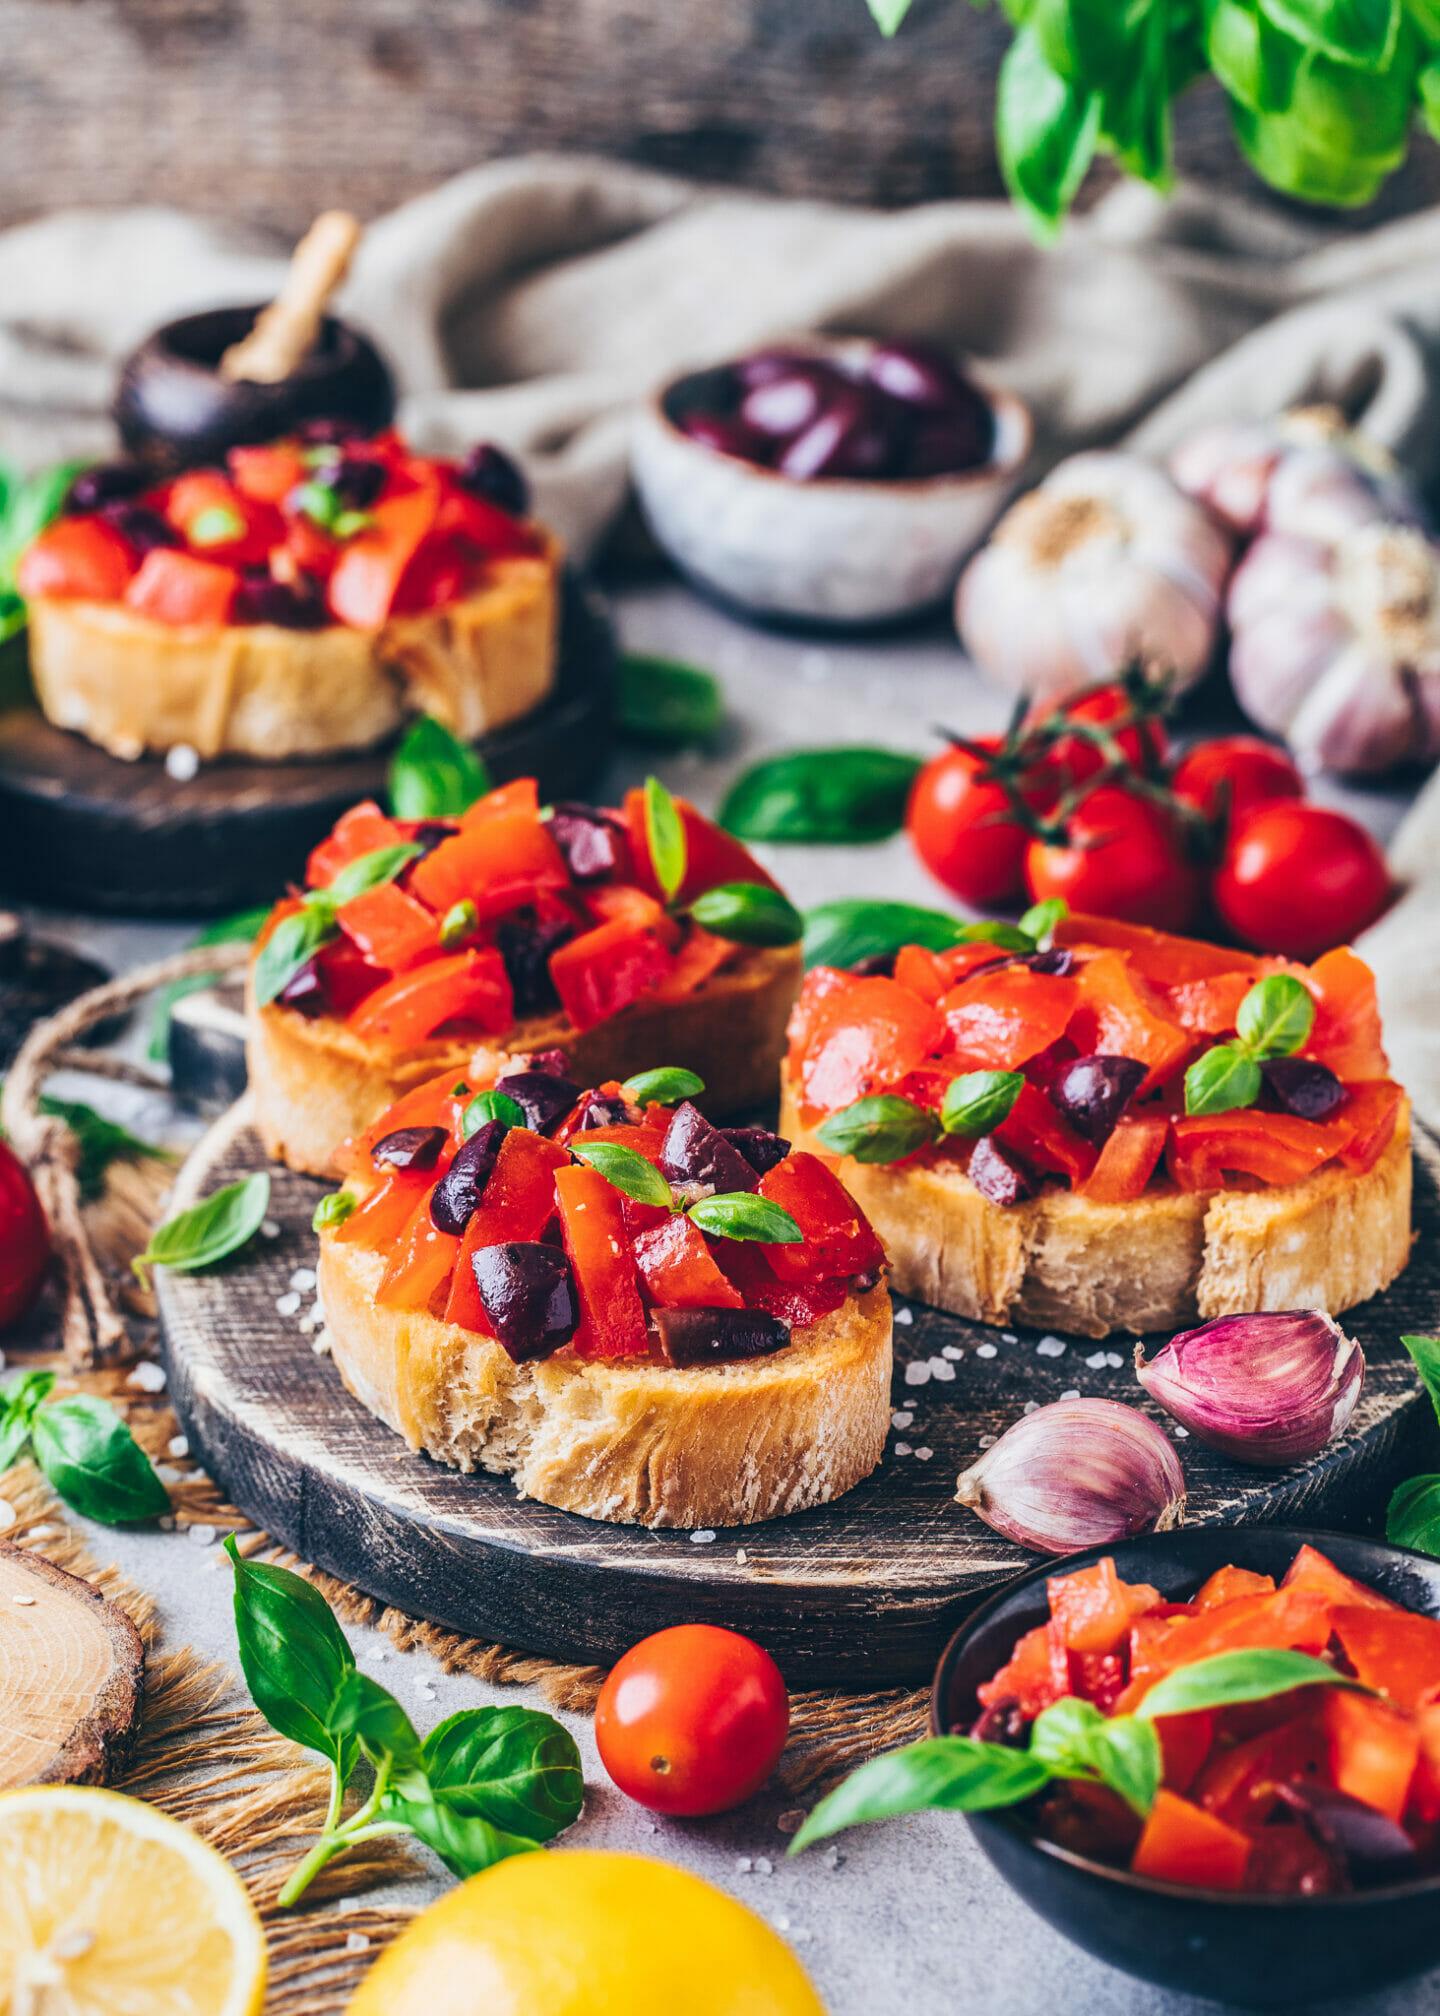 Bruschetta mit Tomaten, Knoblauch, Oliven und Basilikum